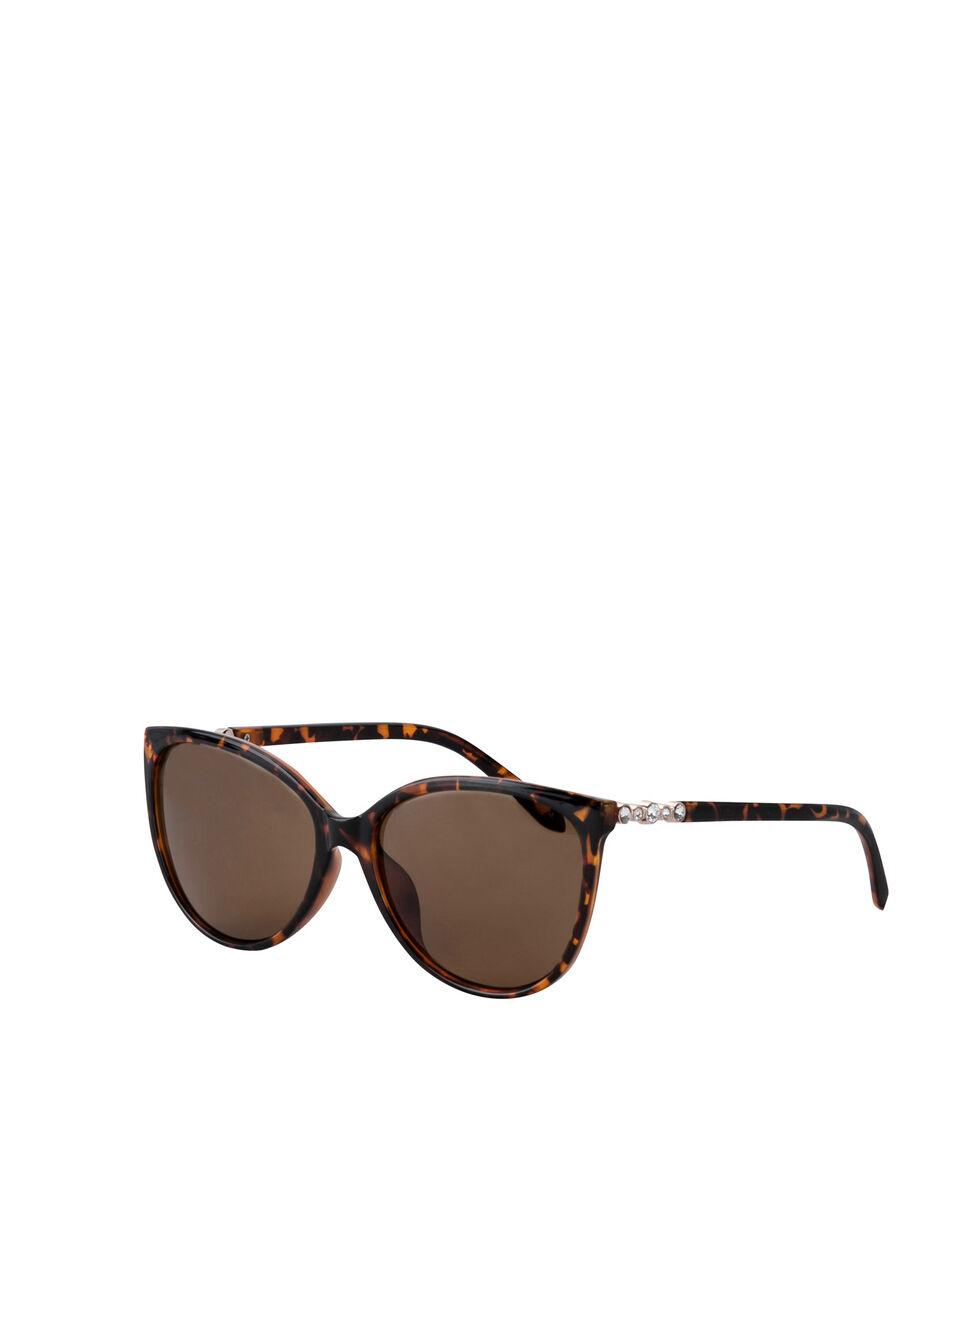 Okulary przeciwsłoneczne z kryształami Swarovskiego® bonprix brązowo-złoty kolor